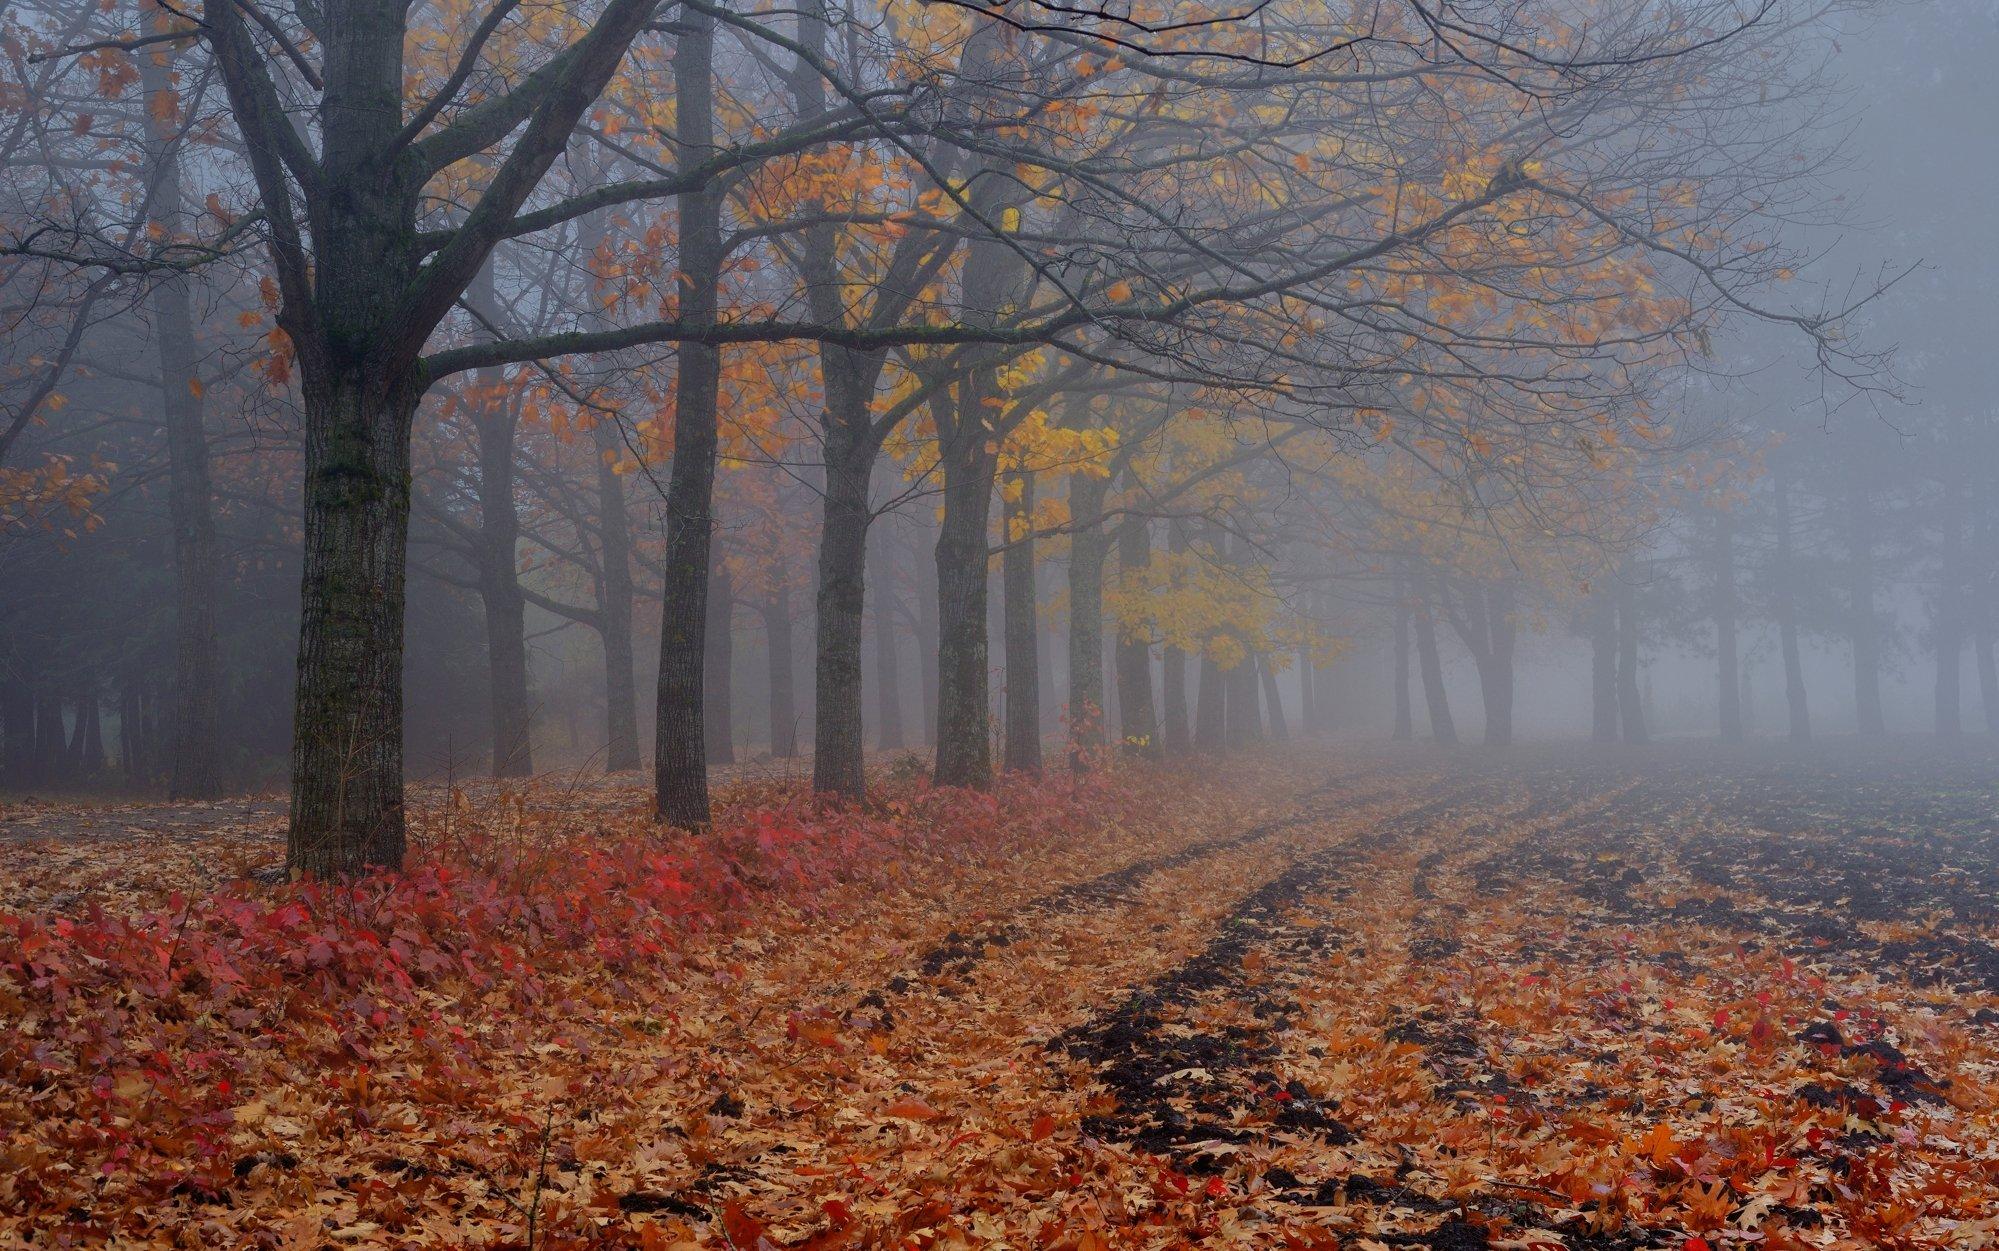 осень рассвет аллея туман, Александр Жарников